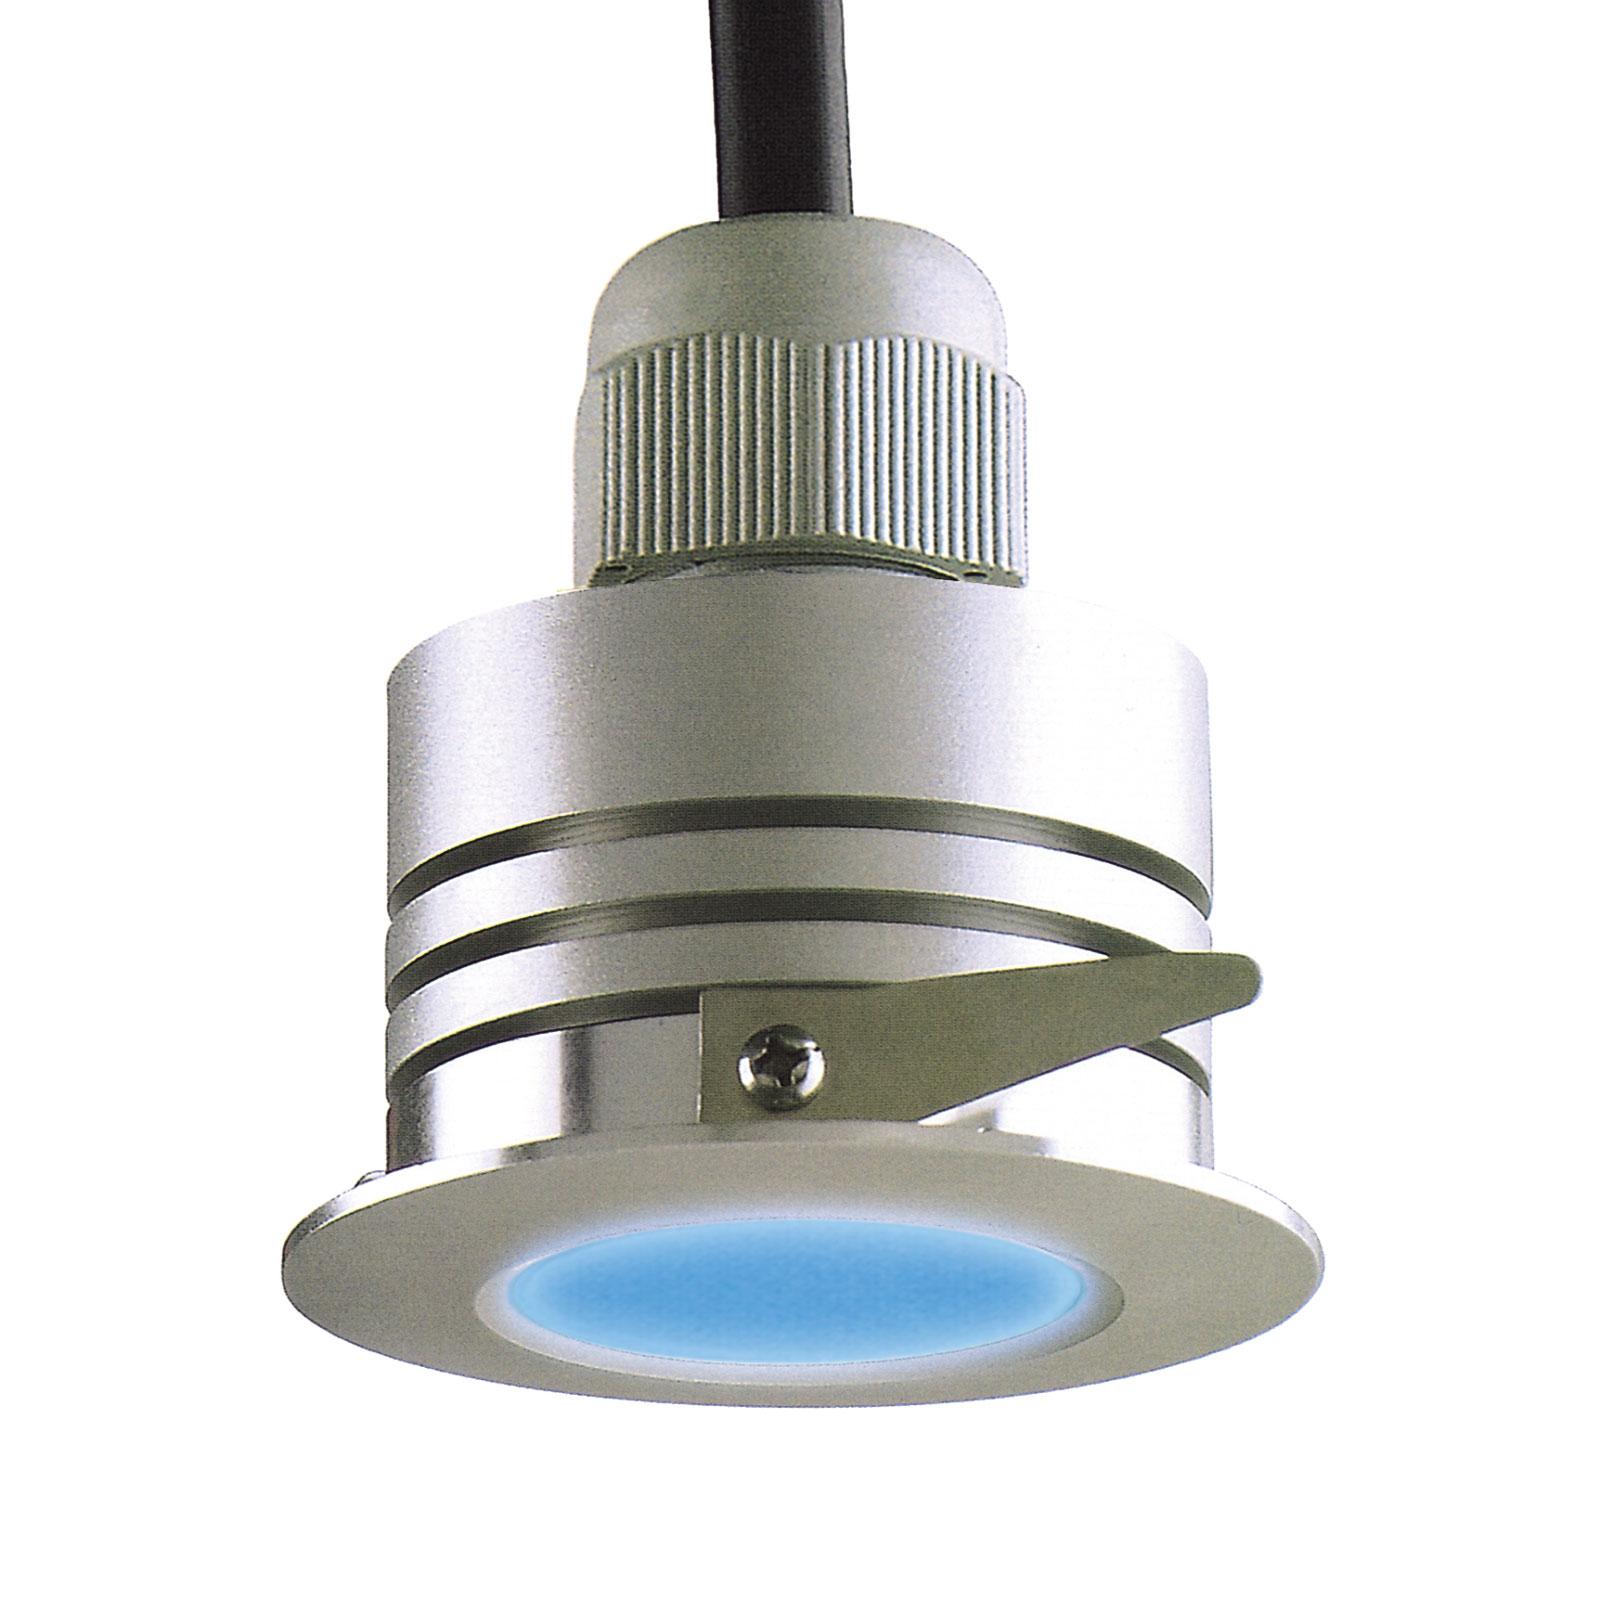 LED-Einbauspot Prato mit automatischem Farbverlauf